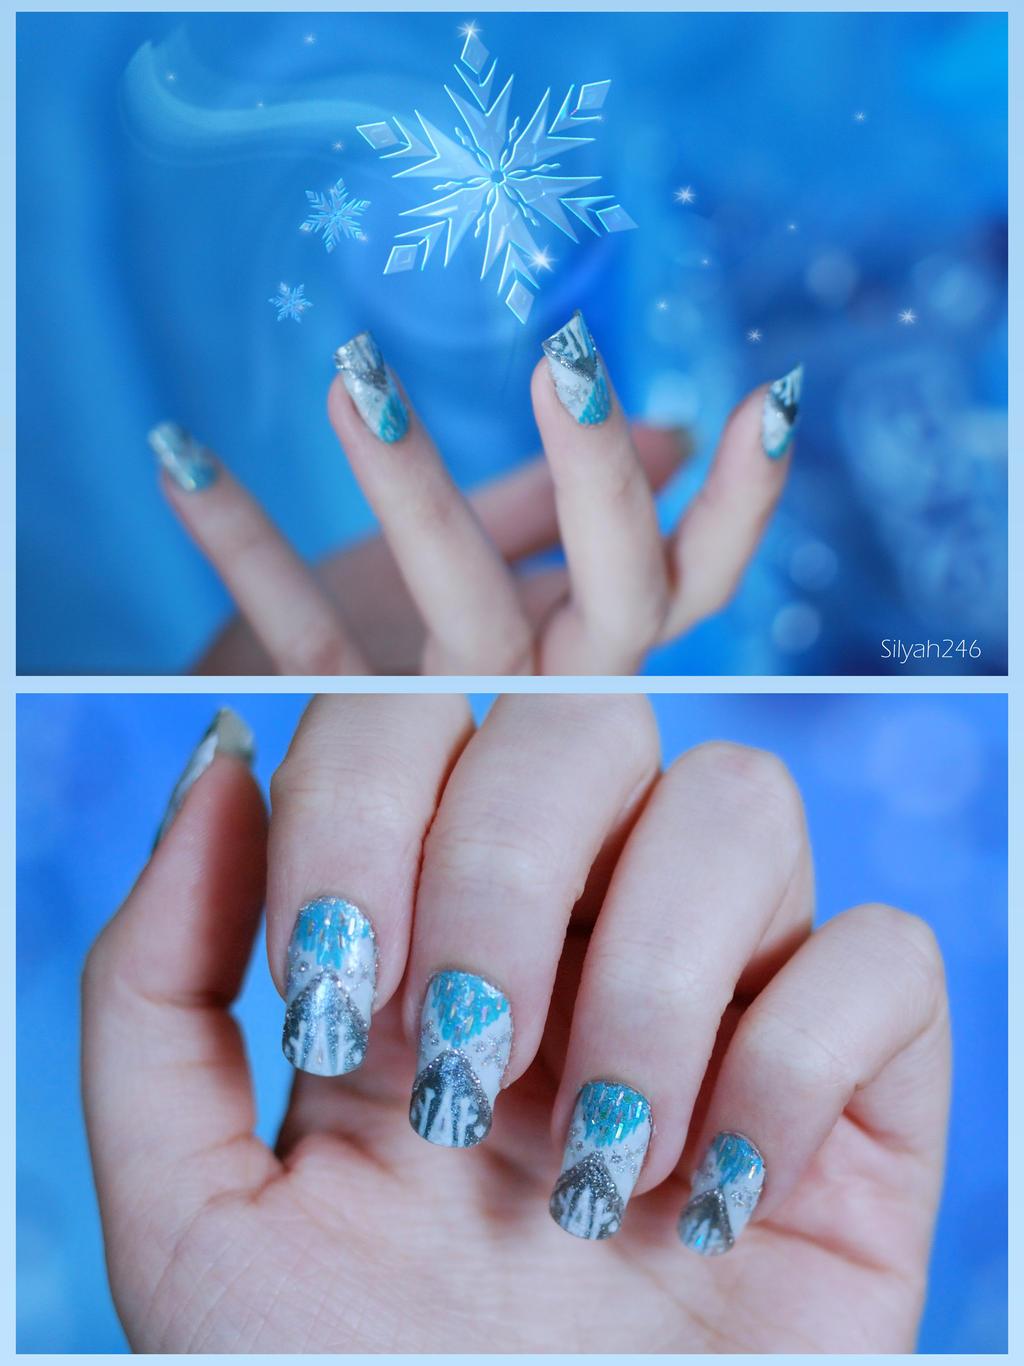 Queen Elsa Inspired Nail Art by Silyah246